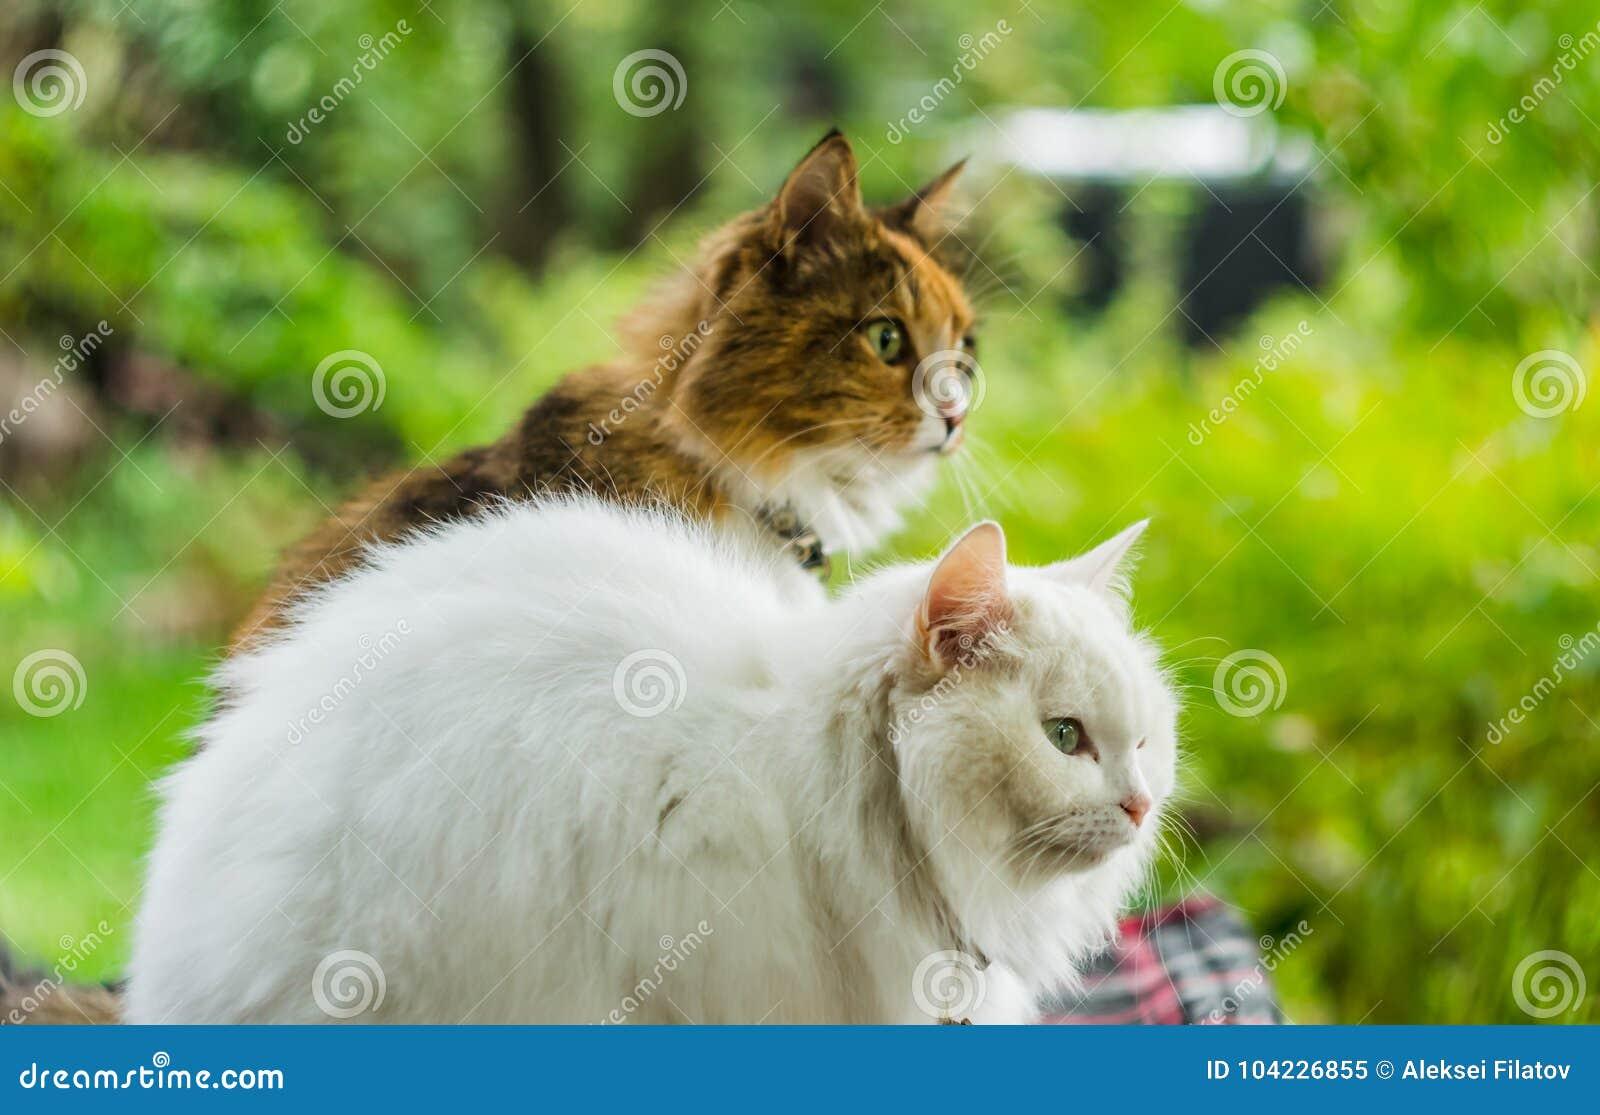 Deux chats blanc et couleur